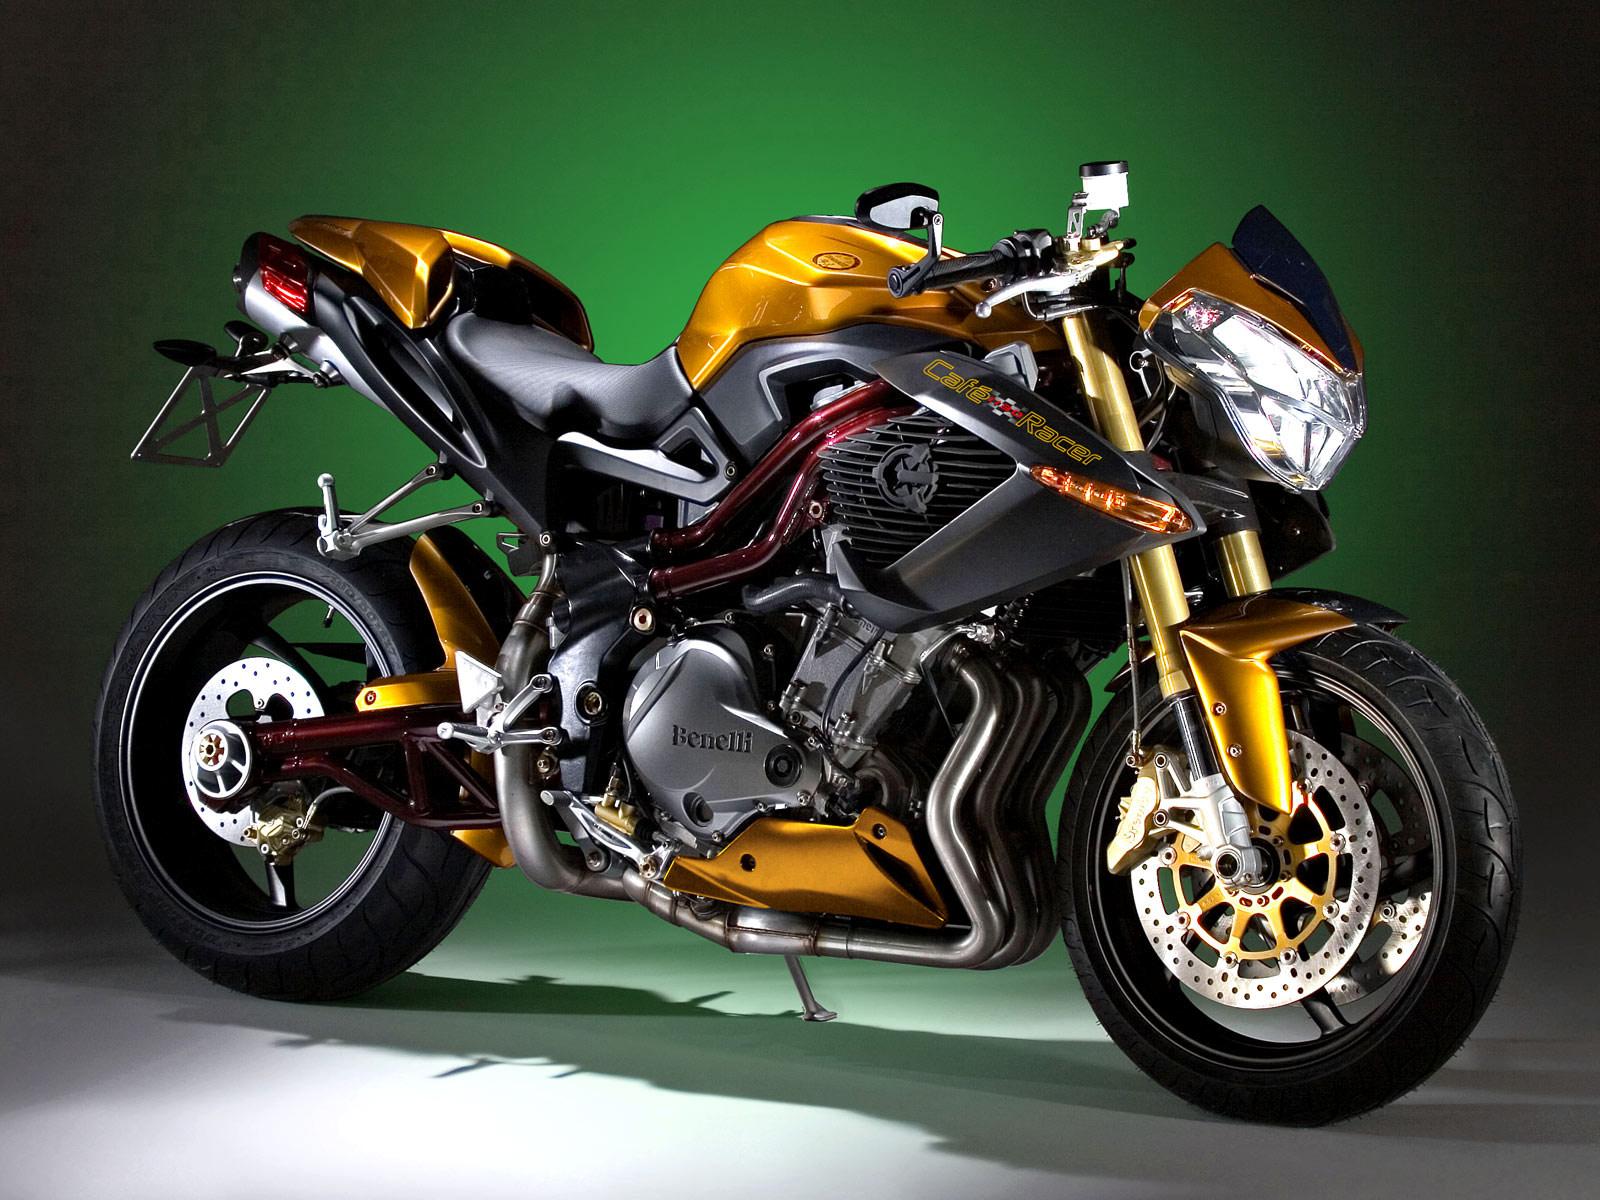 http://3.bp.blogspot.com/-mGPqbE_SOUE/Tr2ziPA-z9I/AAAAAAAADsg/usu7Kq50BKk/s1600/2006-Benelli-TnT-Cafe-1130-Racer_motorcycle-desktop-wallpaper_2.jpg